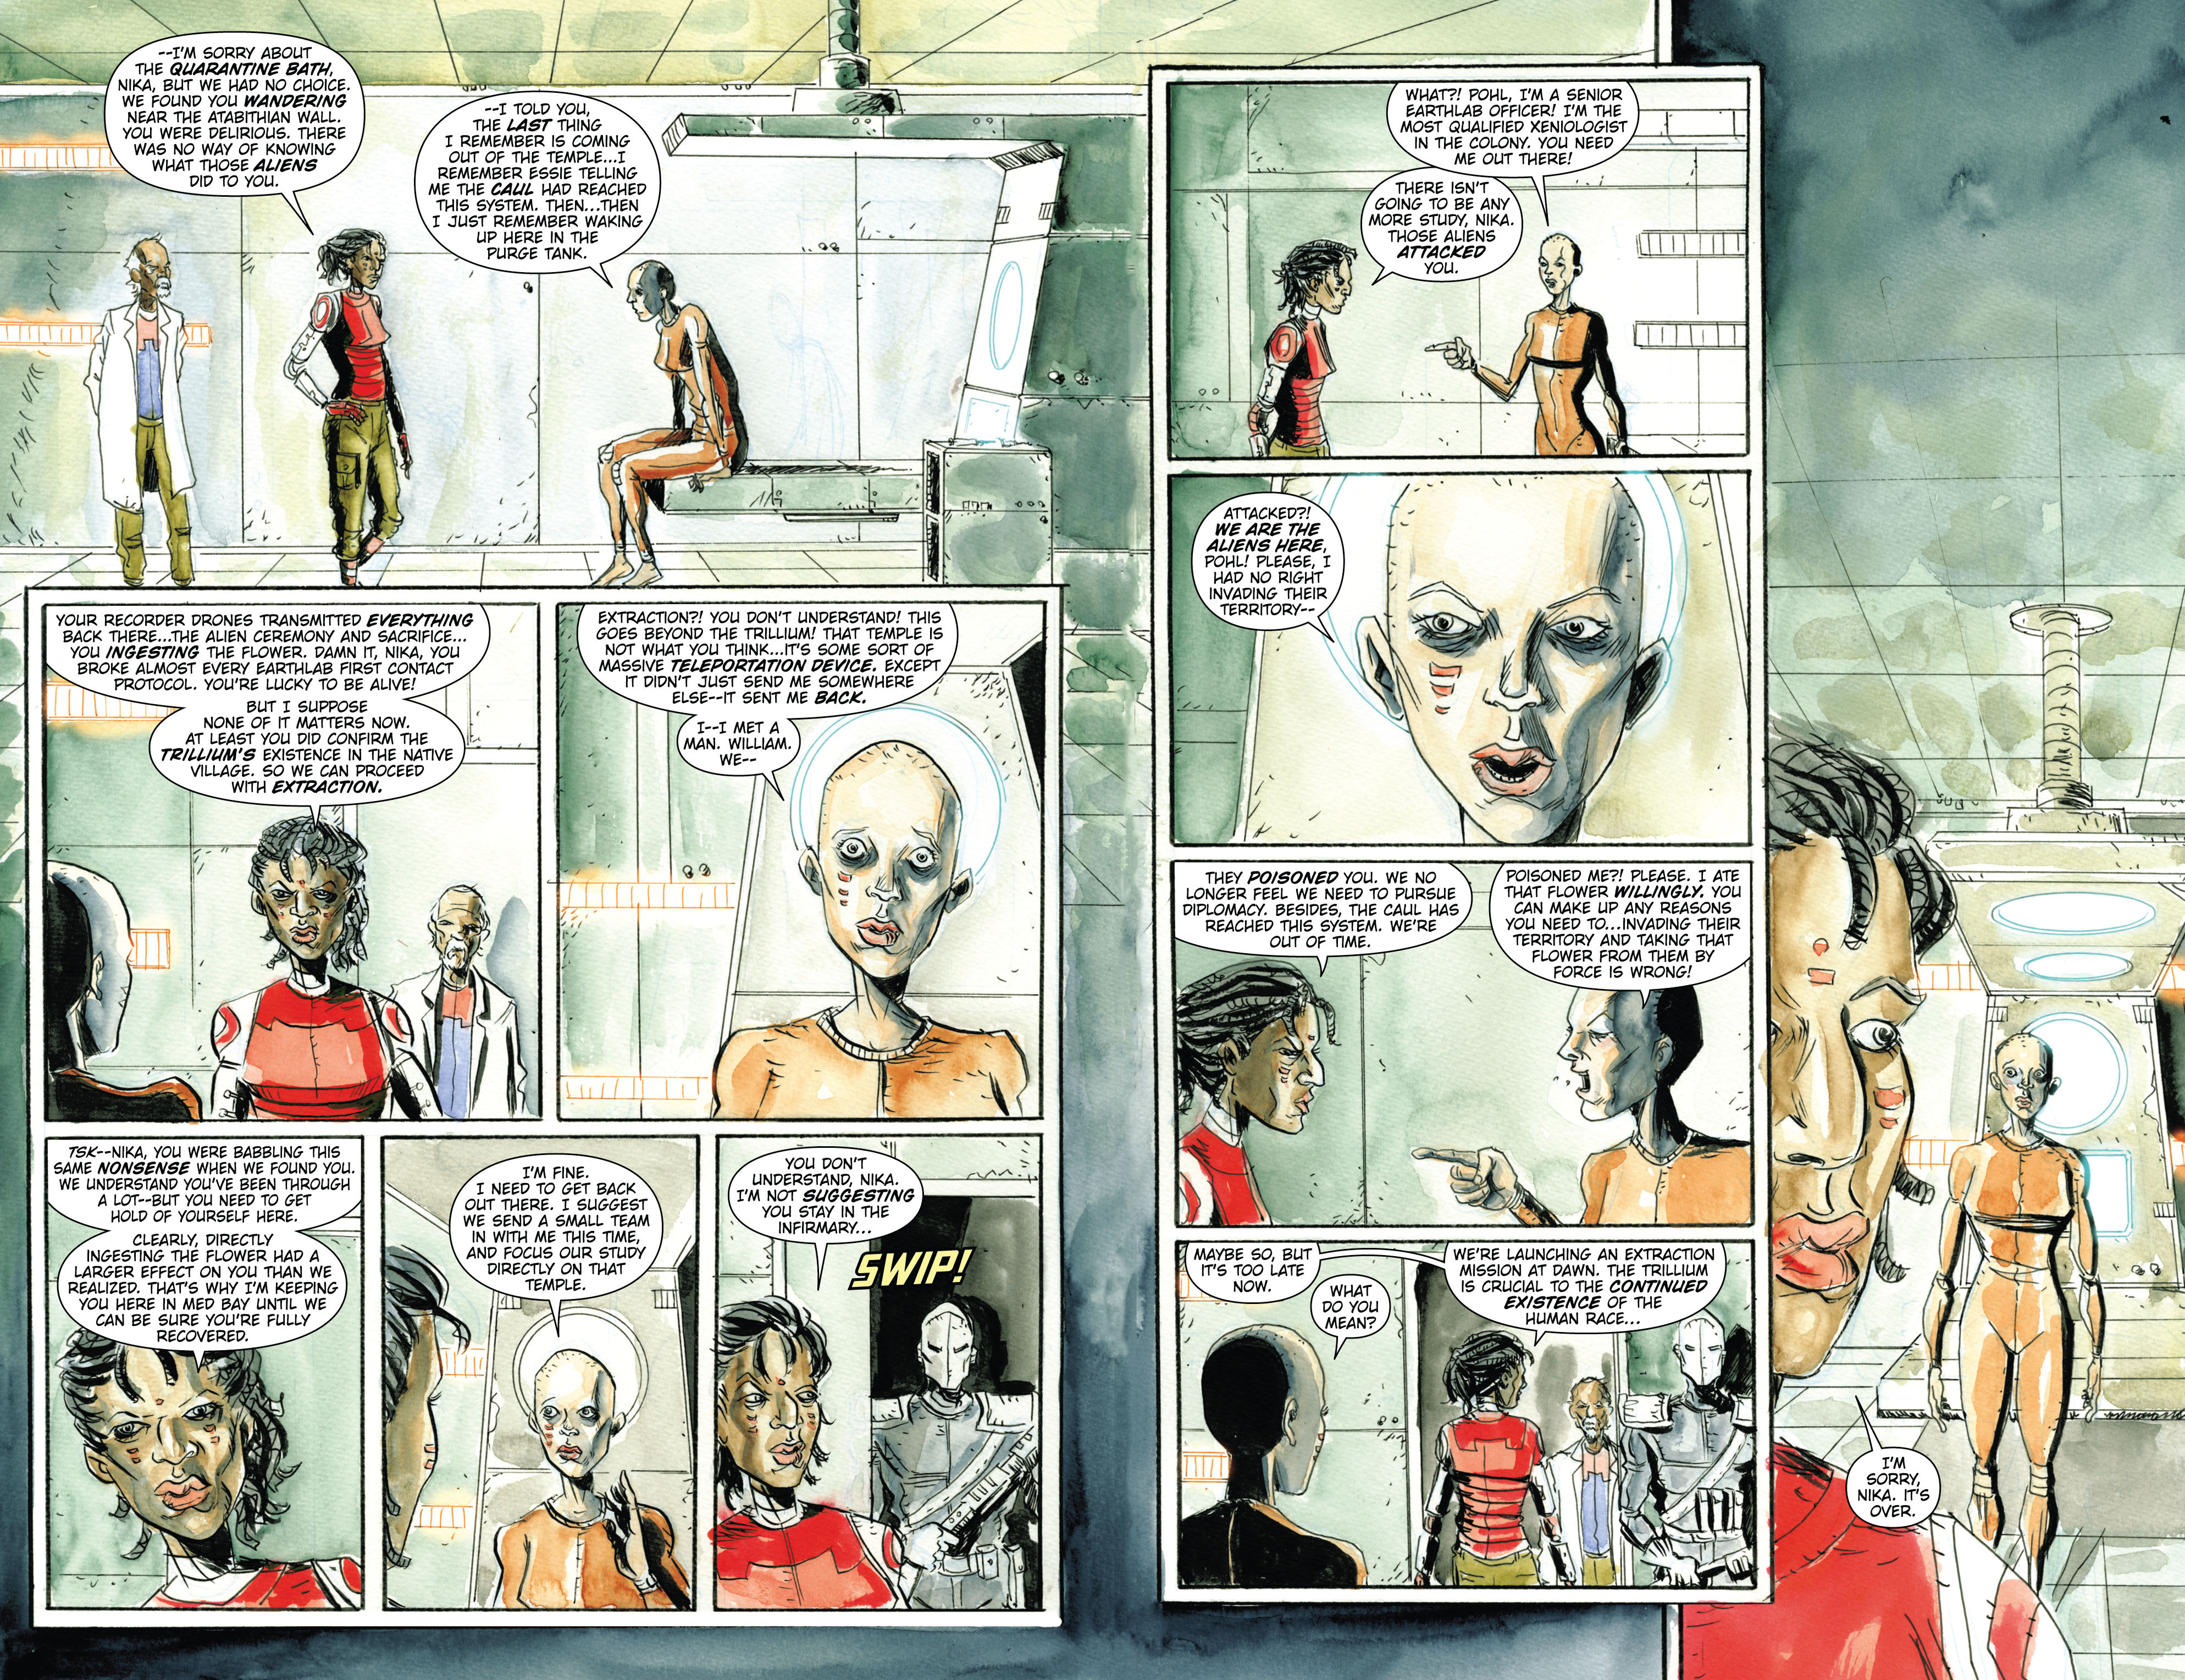 Read online Trillium comic -  Issue # TPB - 60